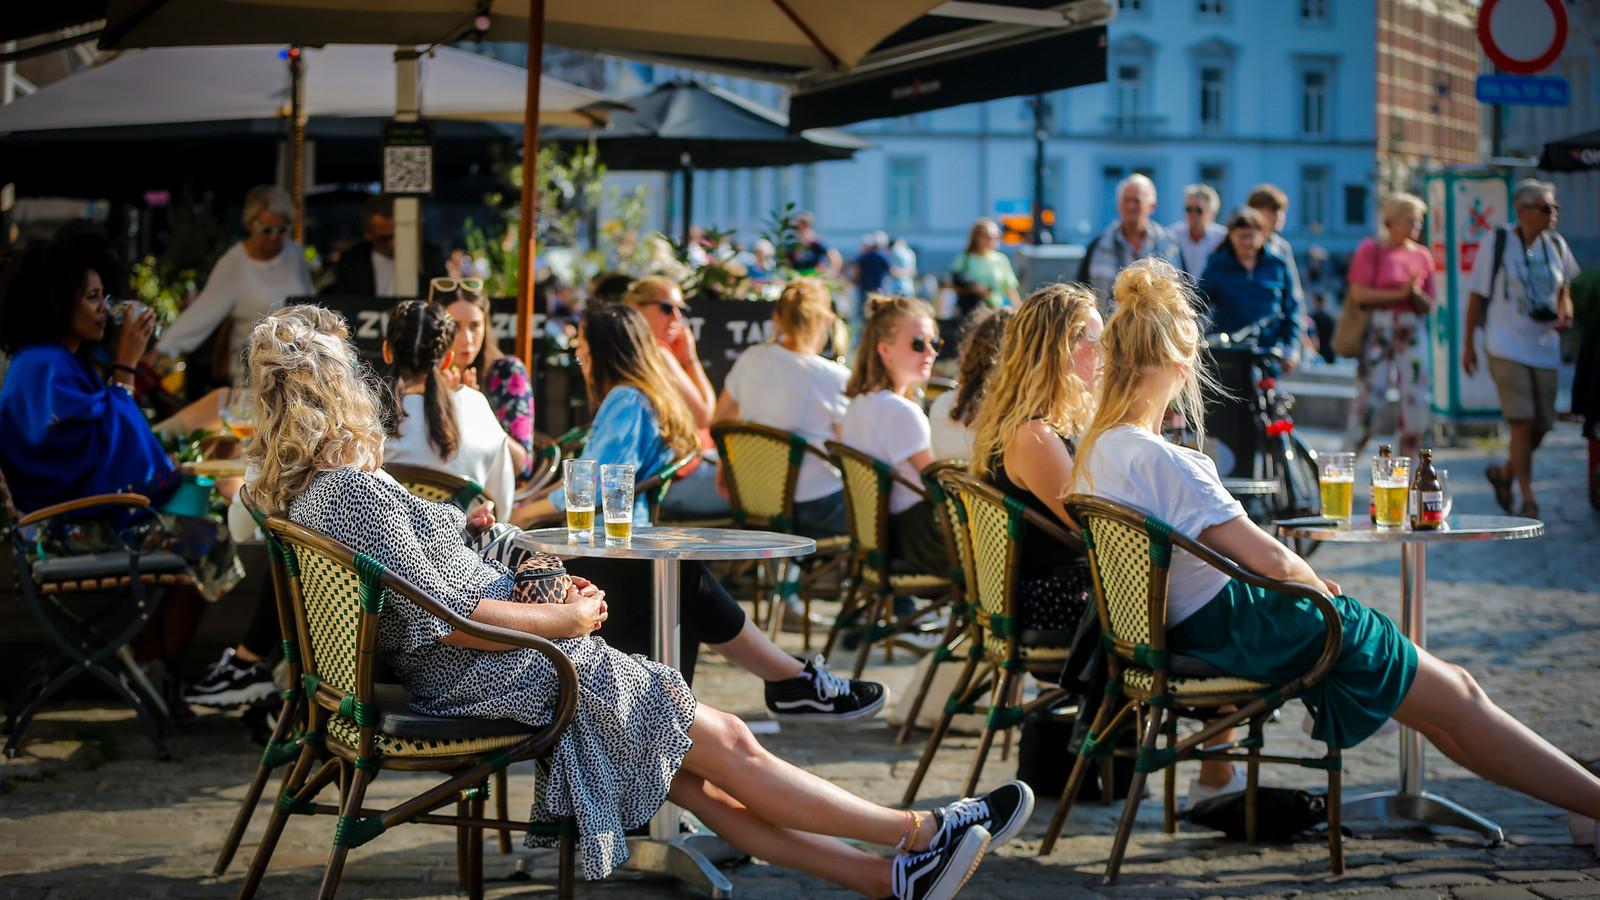 Archiefbeeld: Zitten we deze zomer opnieuw in de zon op terras?